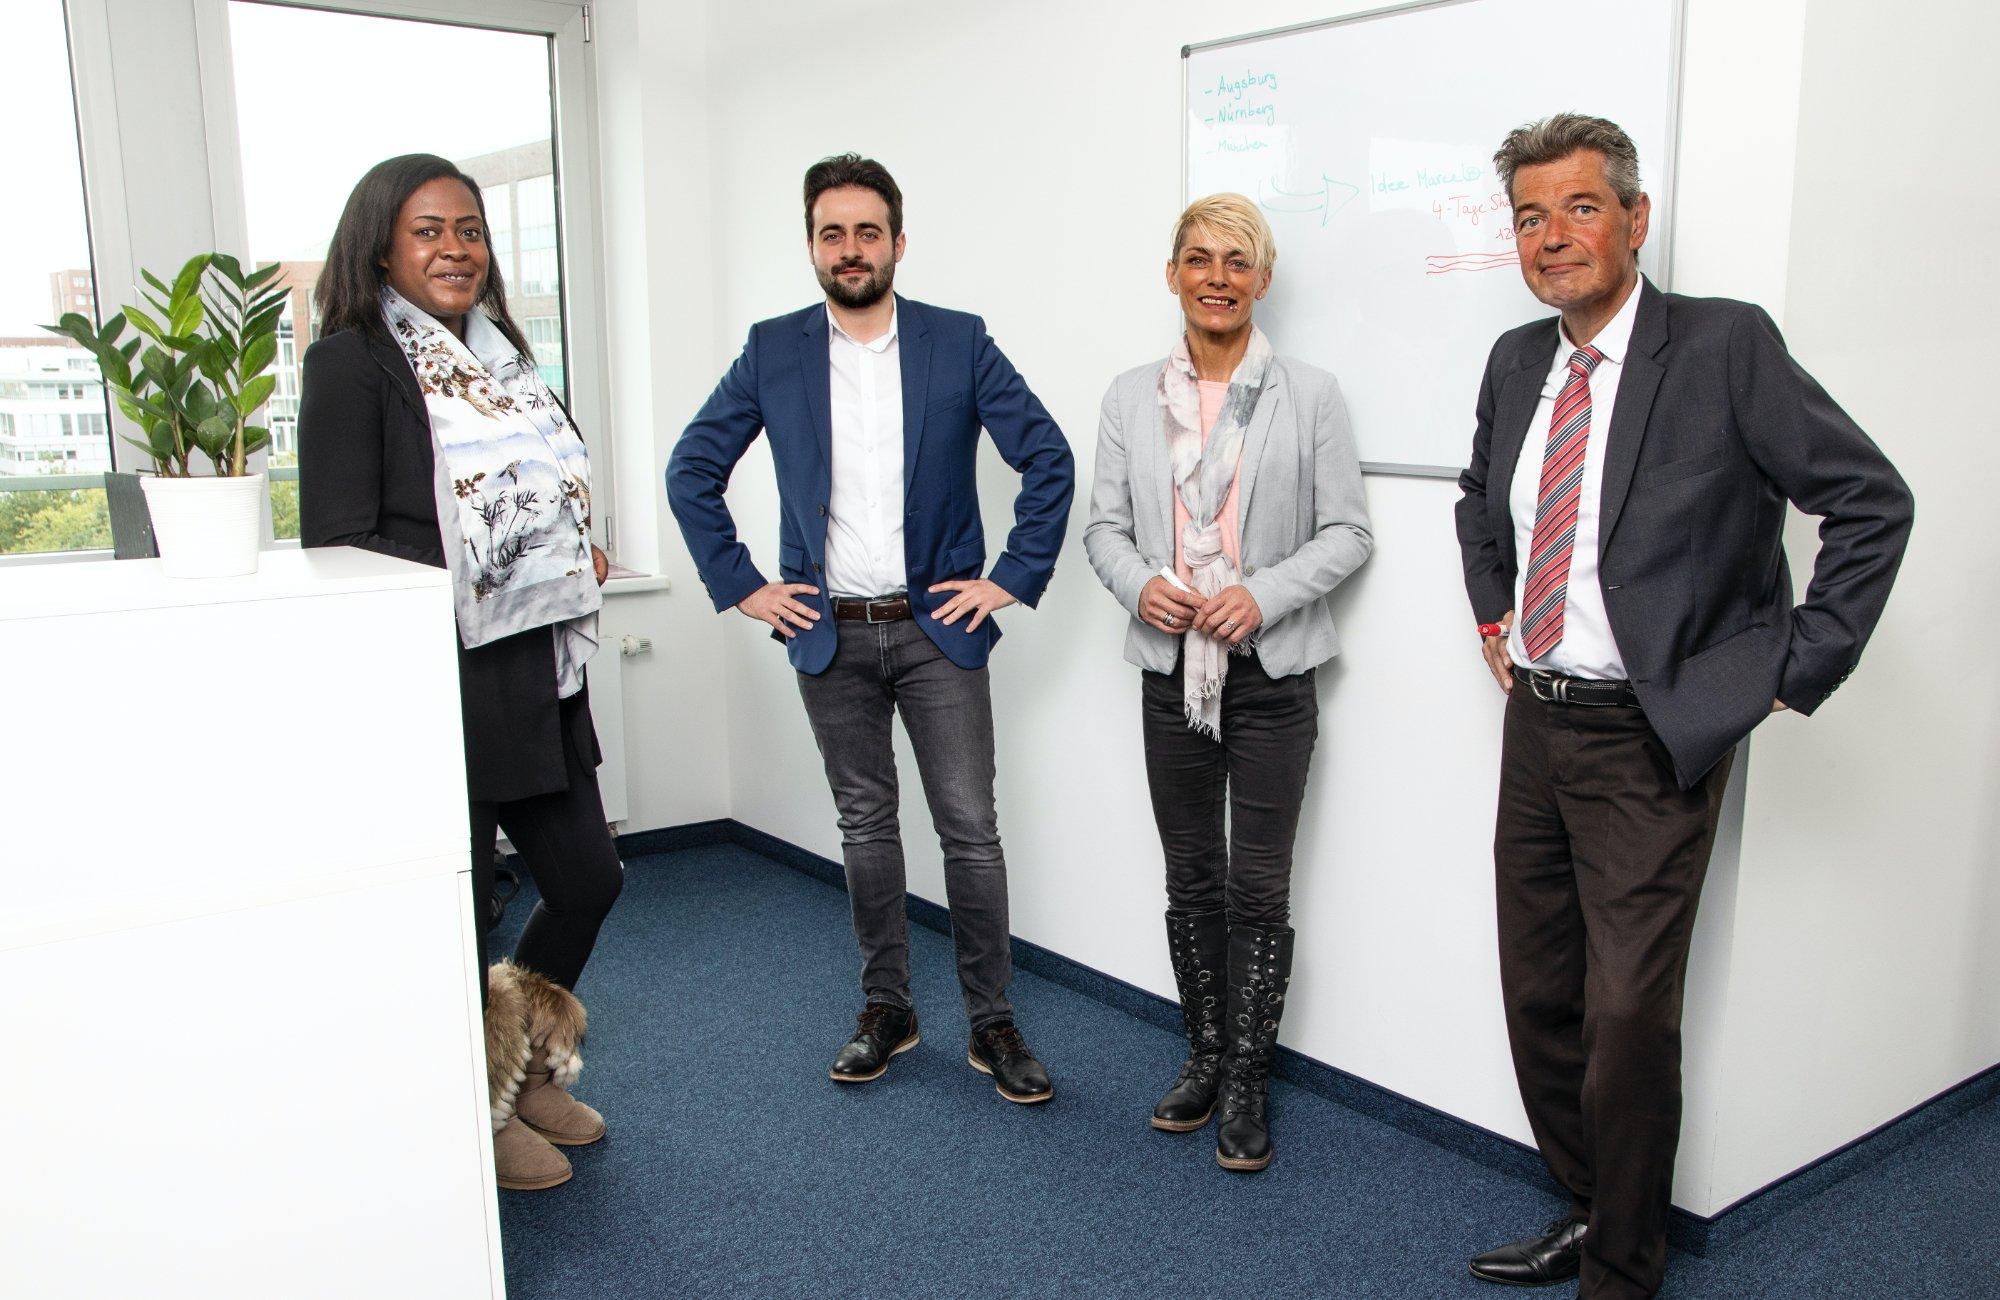 agt_busvermietung_und_touristik_bus-_und_eventlogistik_mitarbeiter_business_office_buero_team_arbeiterleben_rente